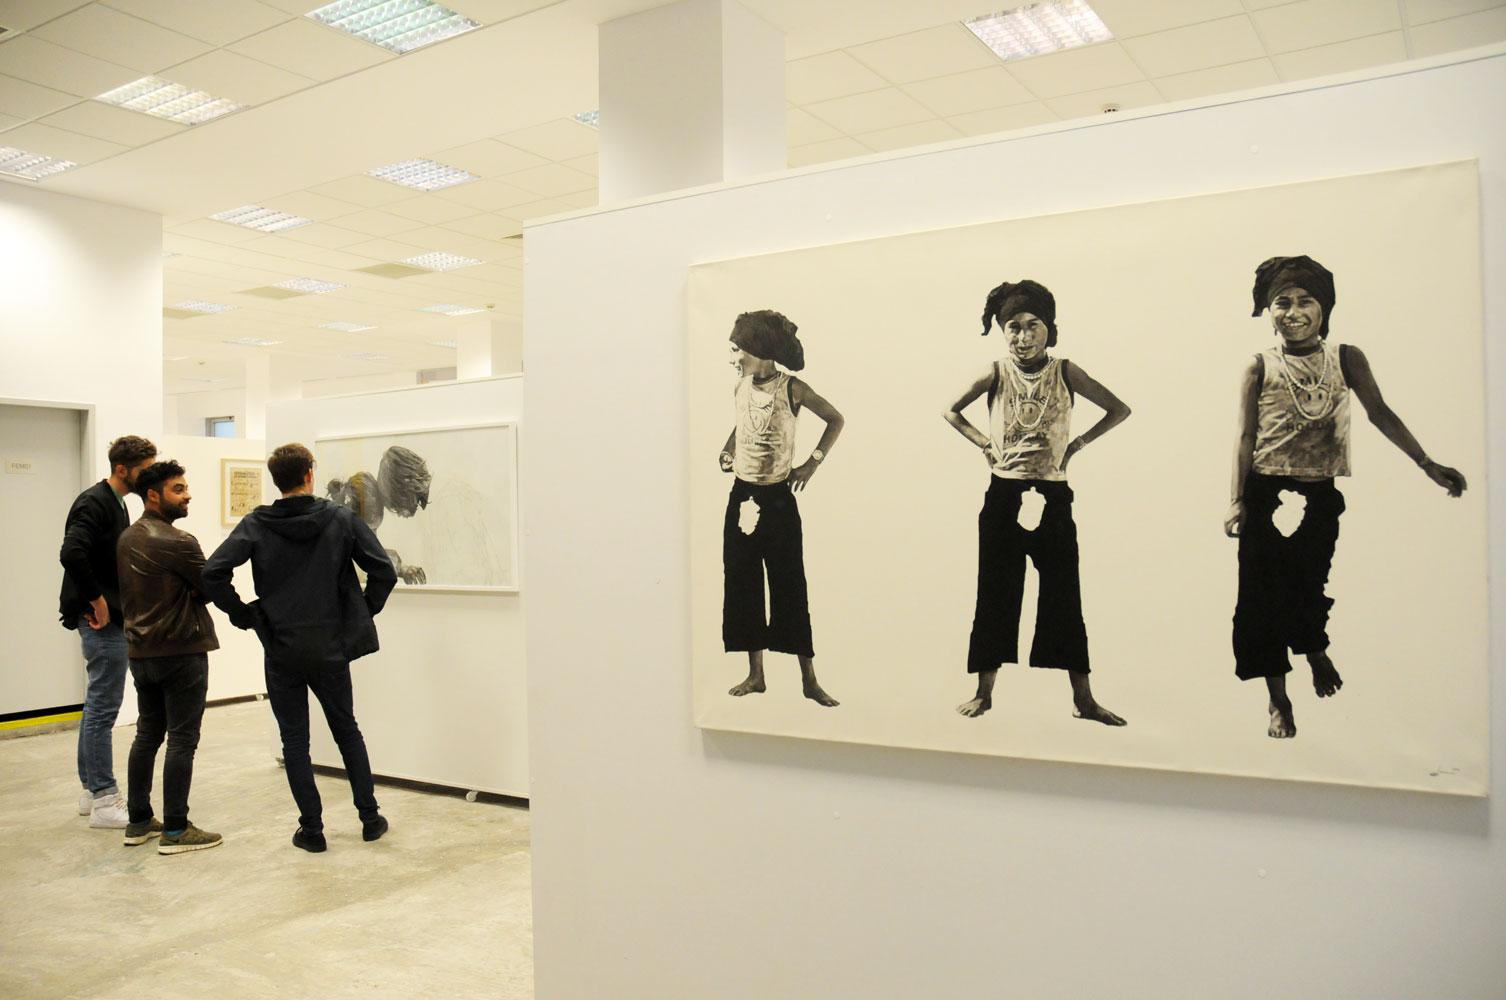 Daniel Brici, solo show Copiii care nu se vad @ Nasui collection & gallery Bucuresti (14)